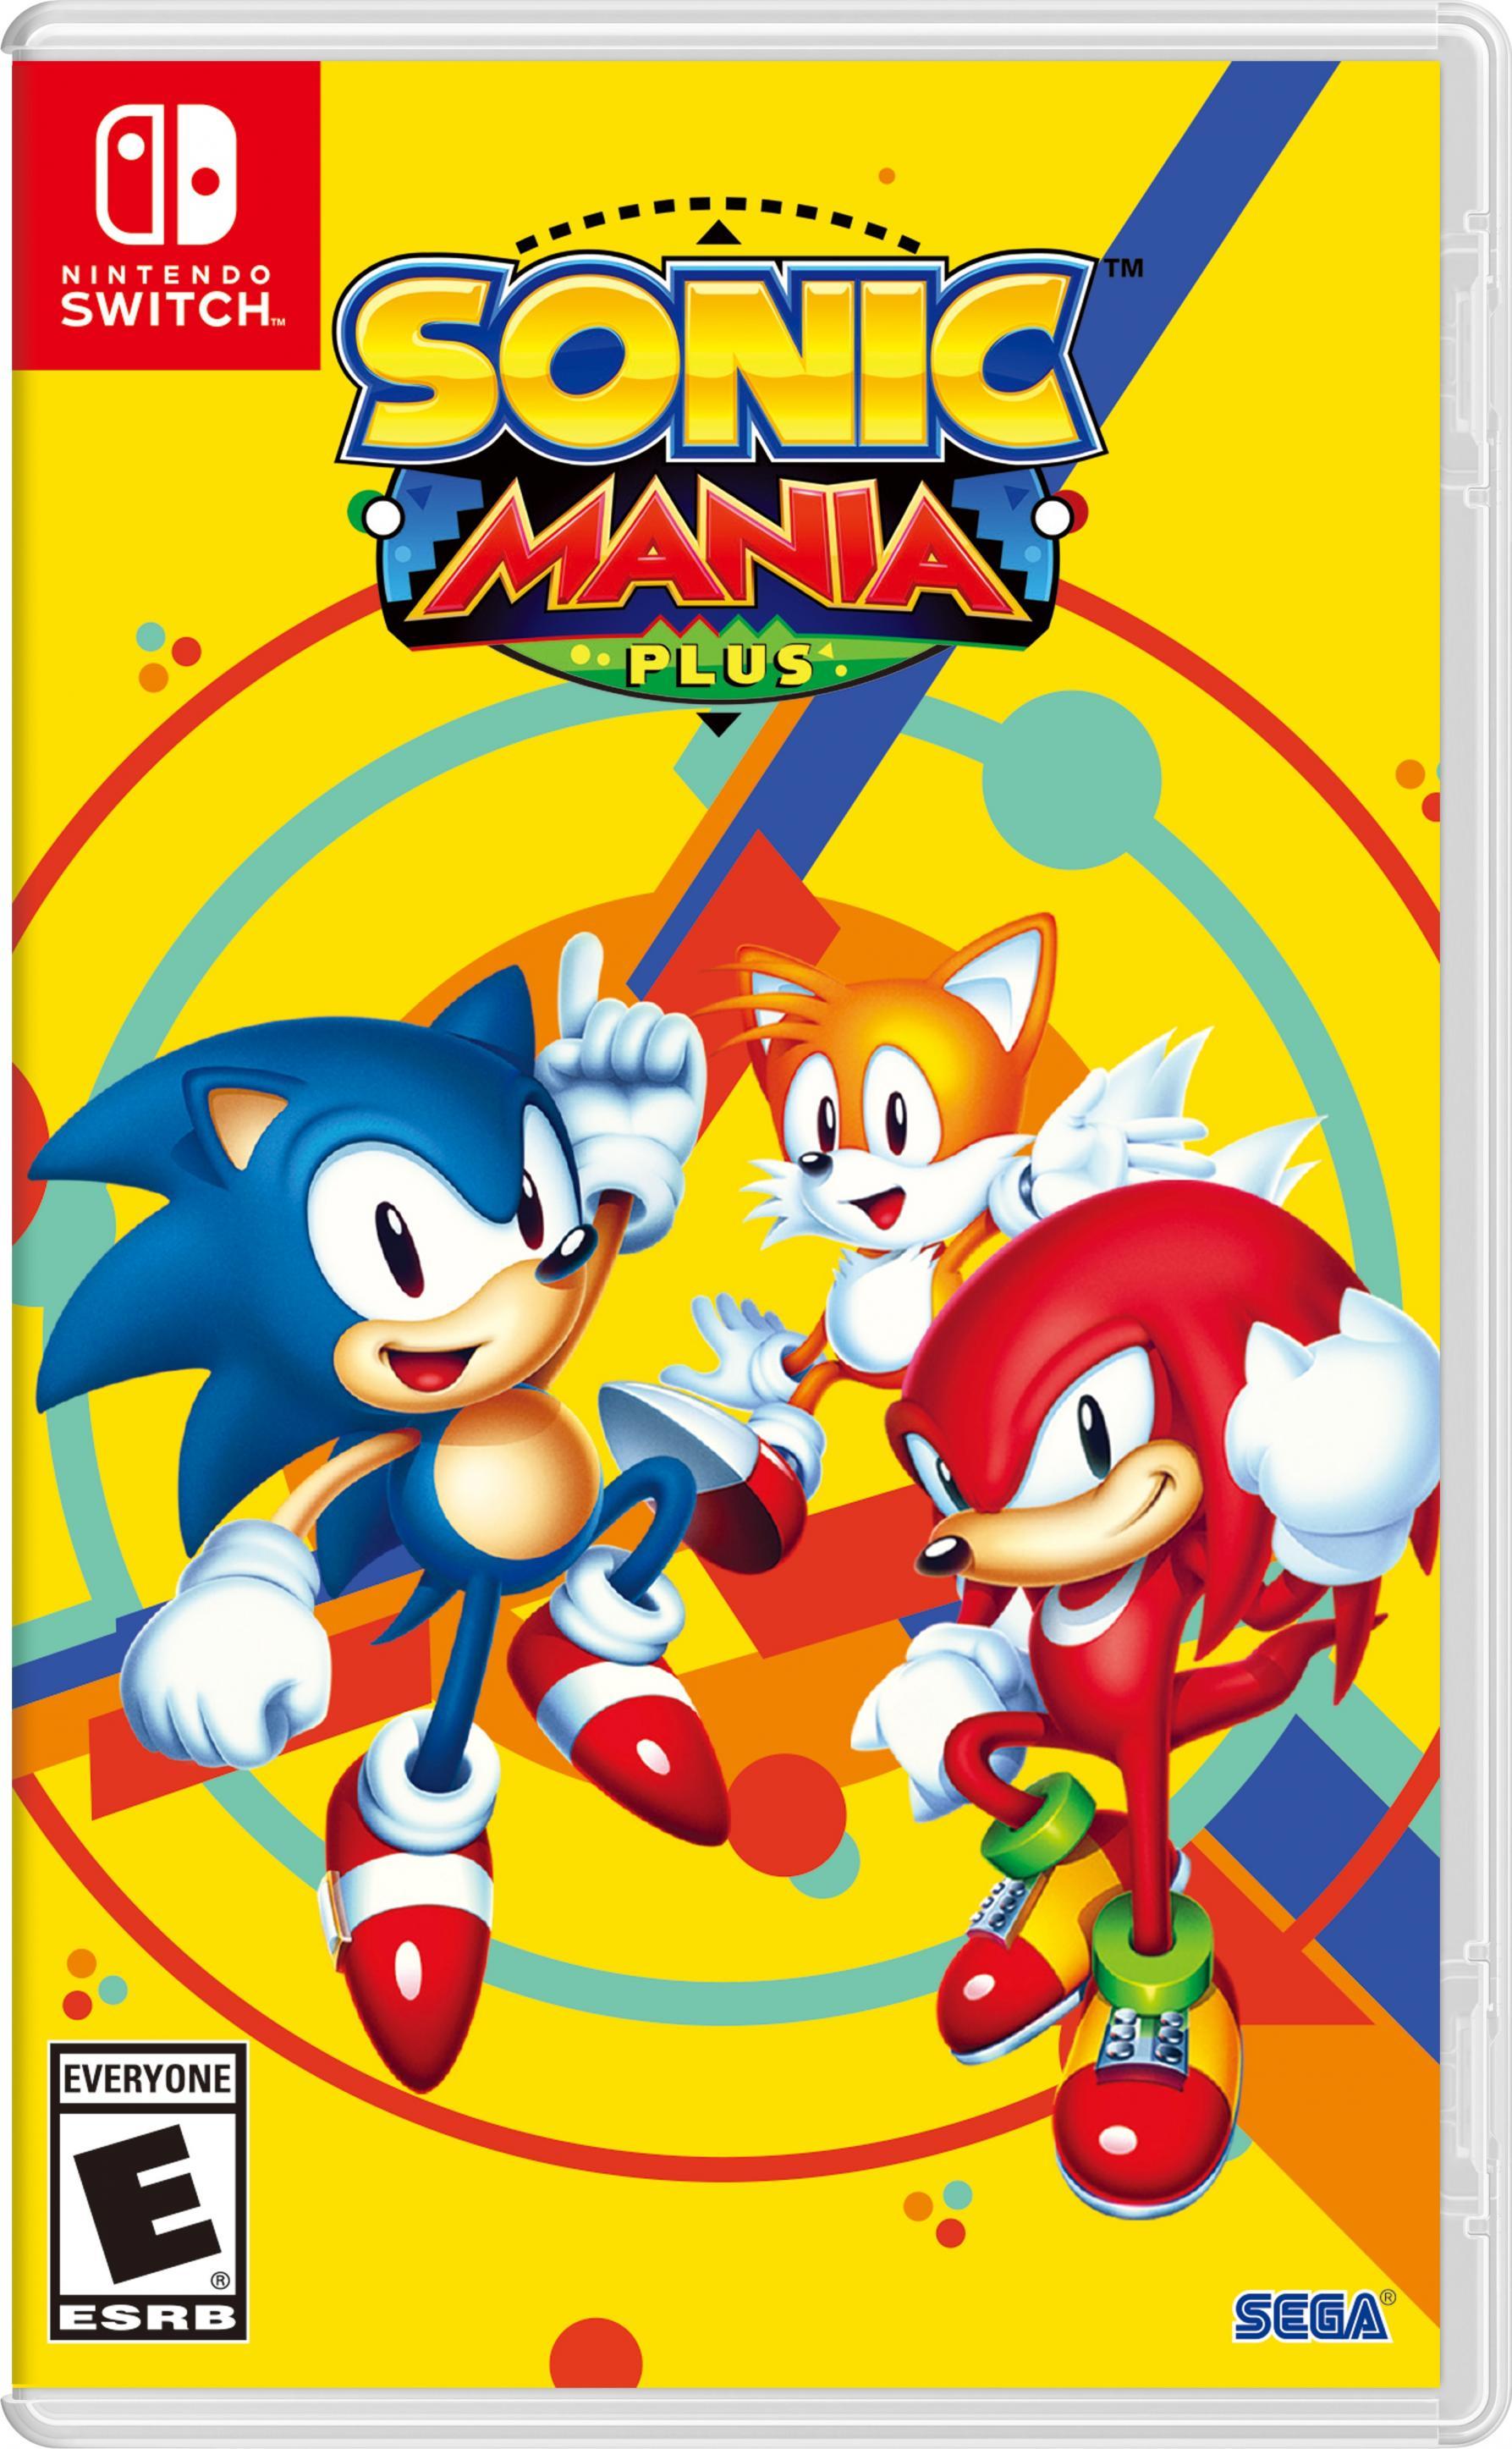 Sonic mania plus.